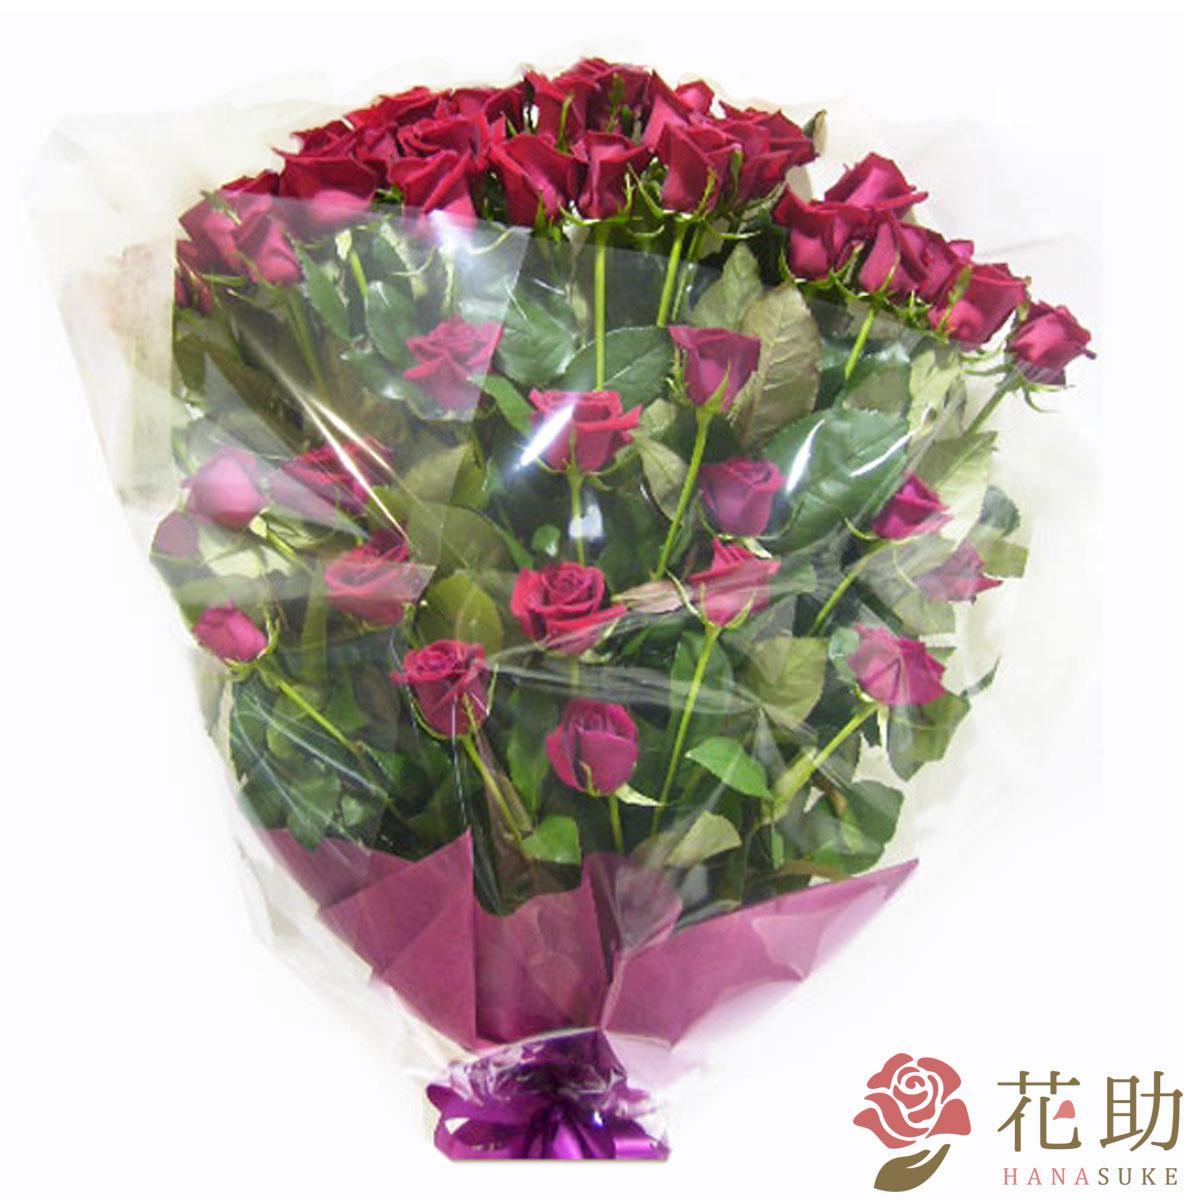 厳選送料無料! お祝い 赤バラの花束 無料ラッピング、メッセージカード付き 【楽ギフ_メッセ入力】